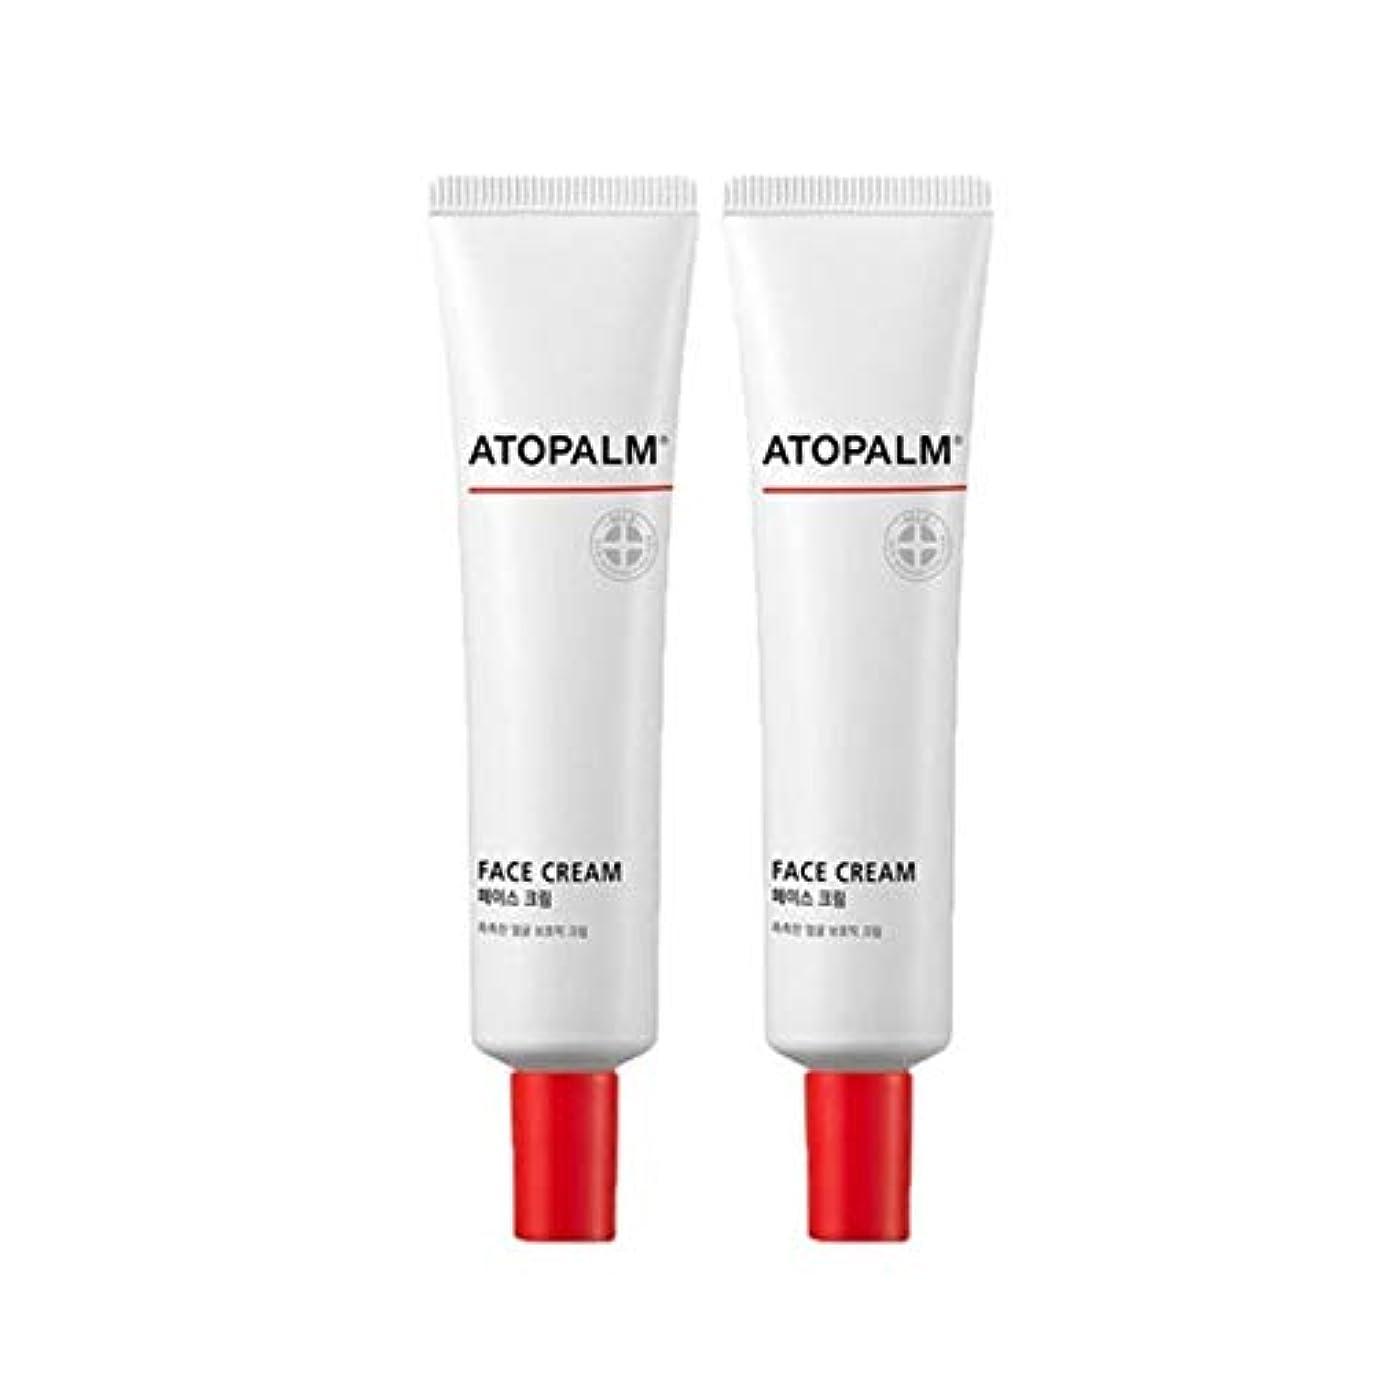 雄弁家増幅するベアリングアトパムフェイスクリーム35mlx2本セット韓国コスメ、Atopalm Face Cream 35ml x 2ea Set Korean Cosmetics [並行輸入品]